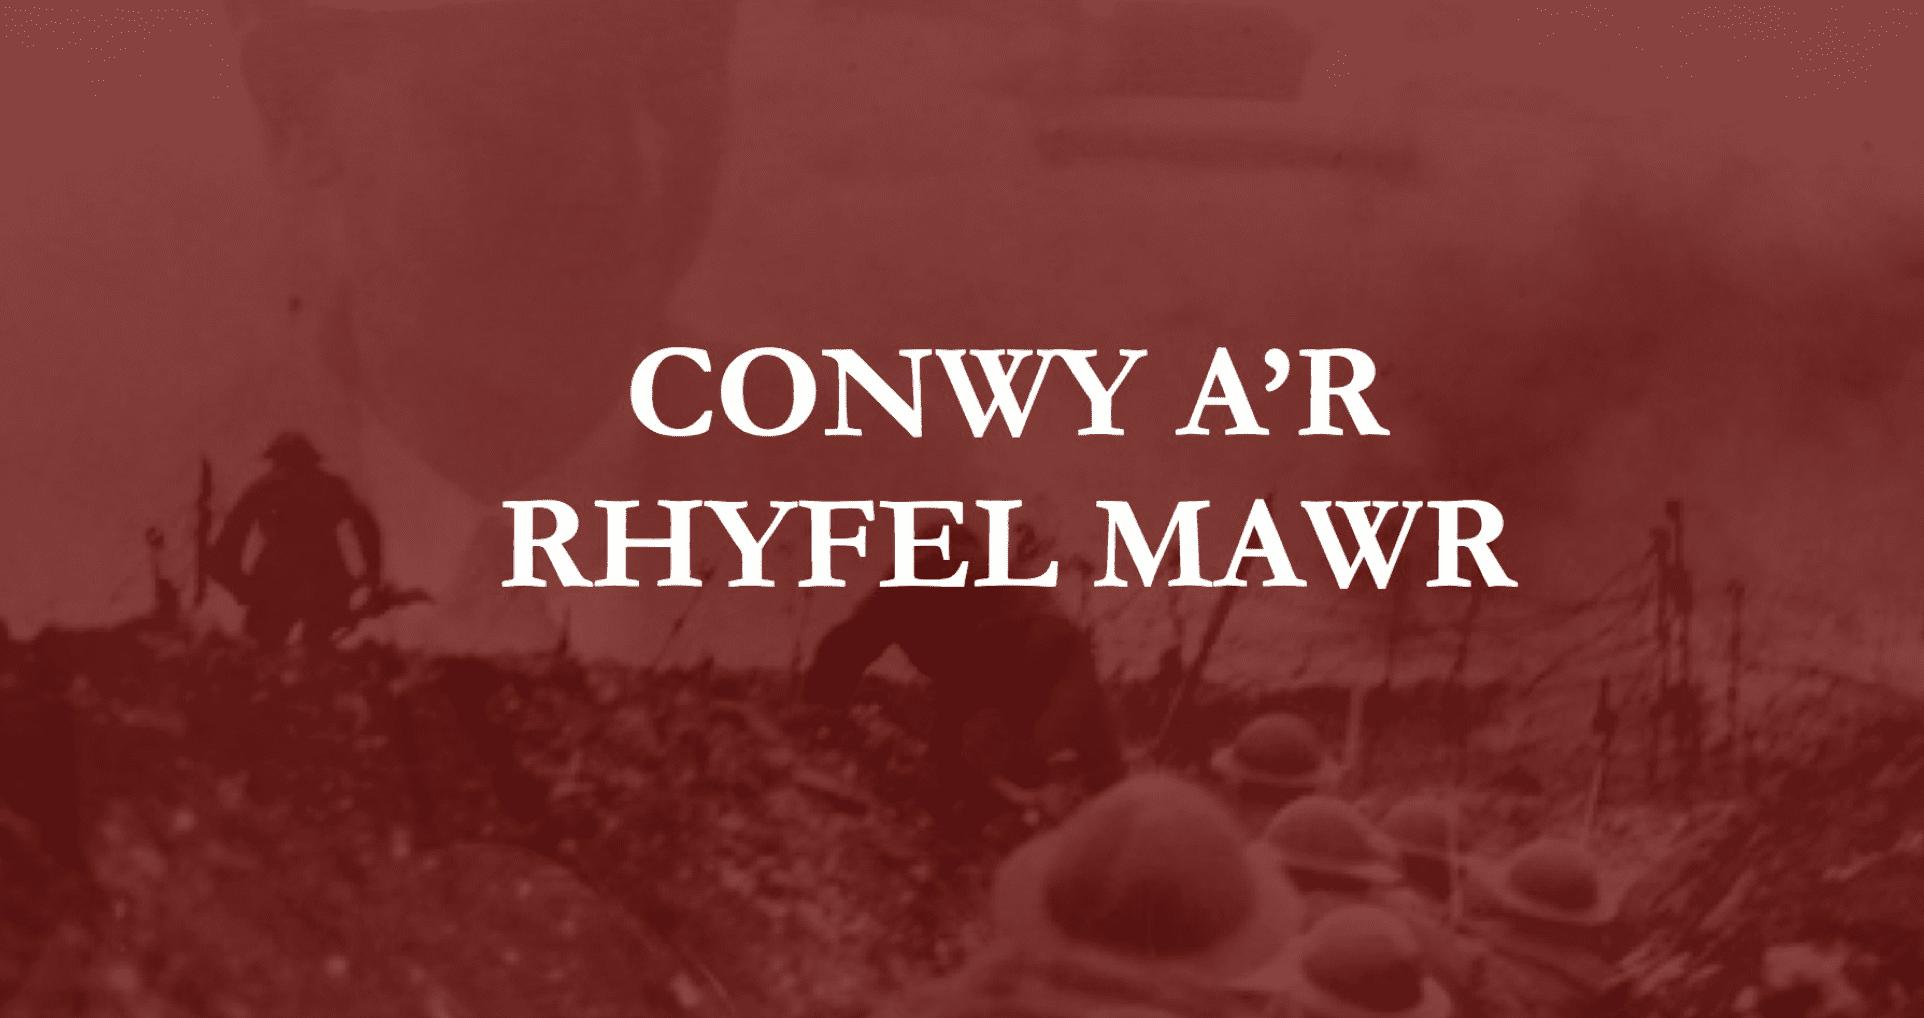 Menter Iaith Conwy yn lansio llyfr ac arddangosfa am y Rhyfel Mawr